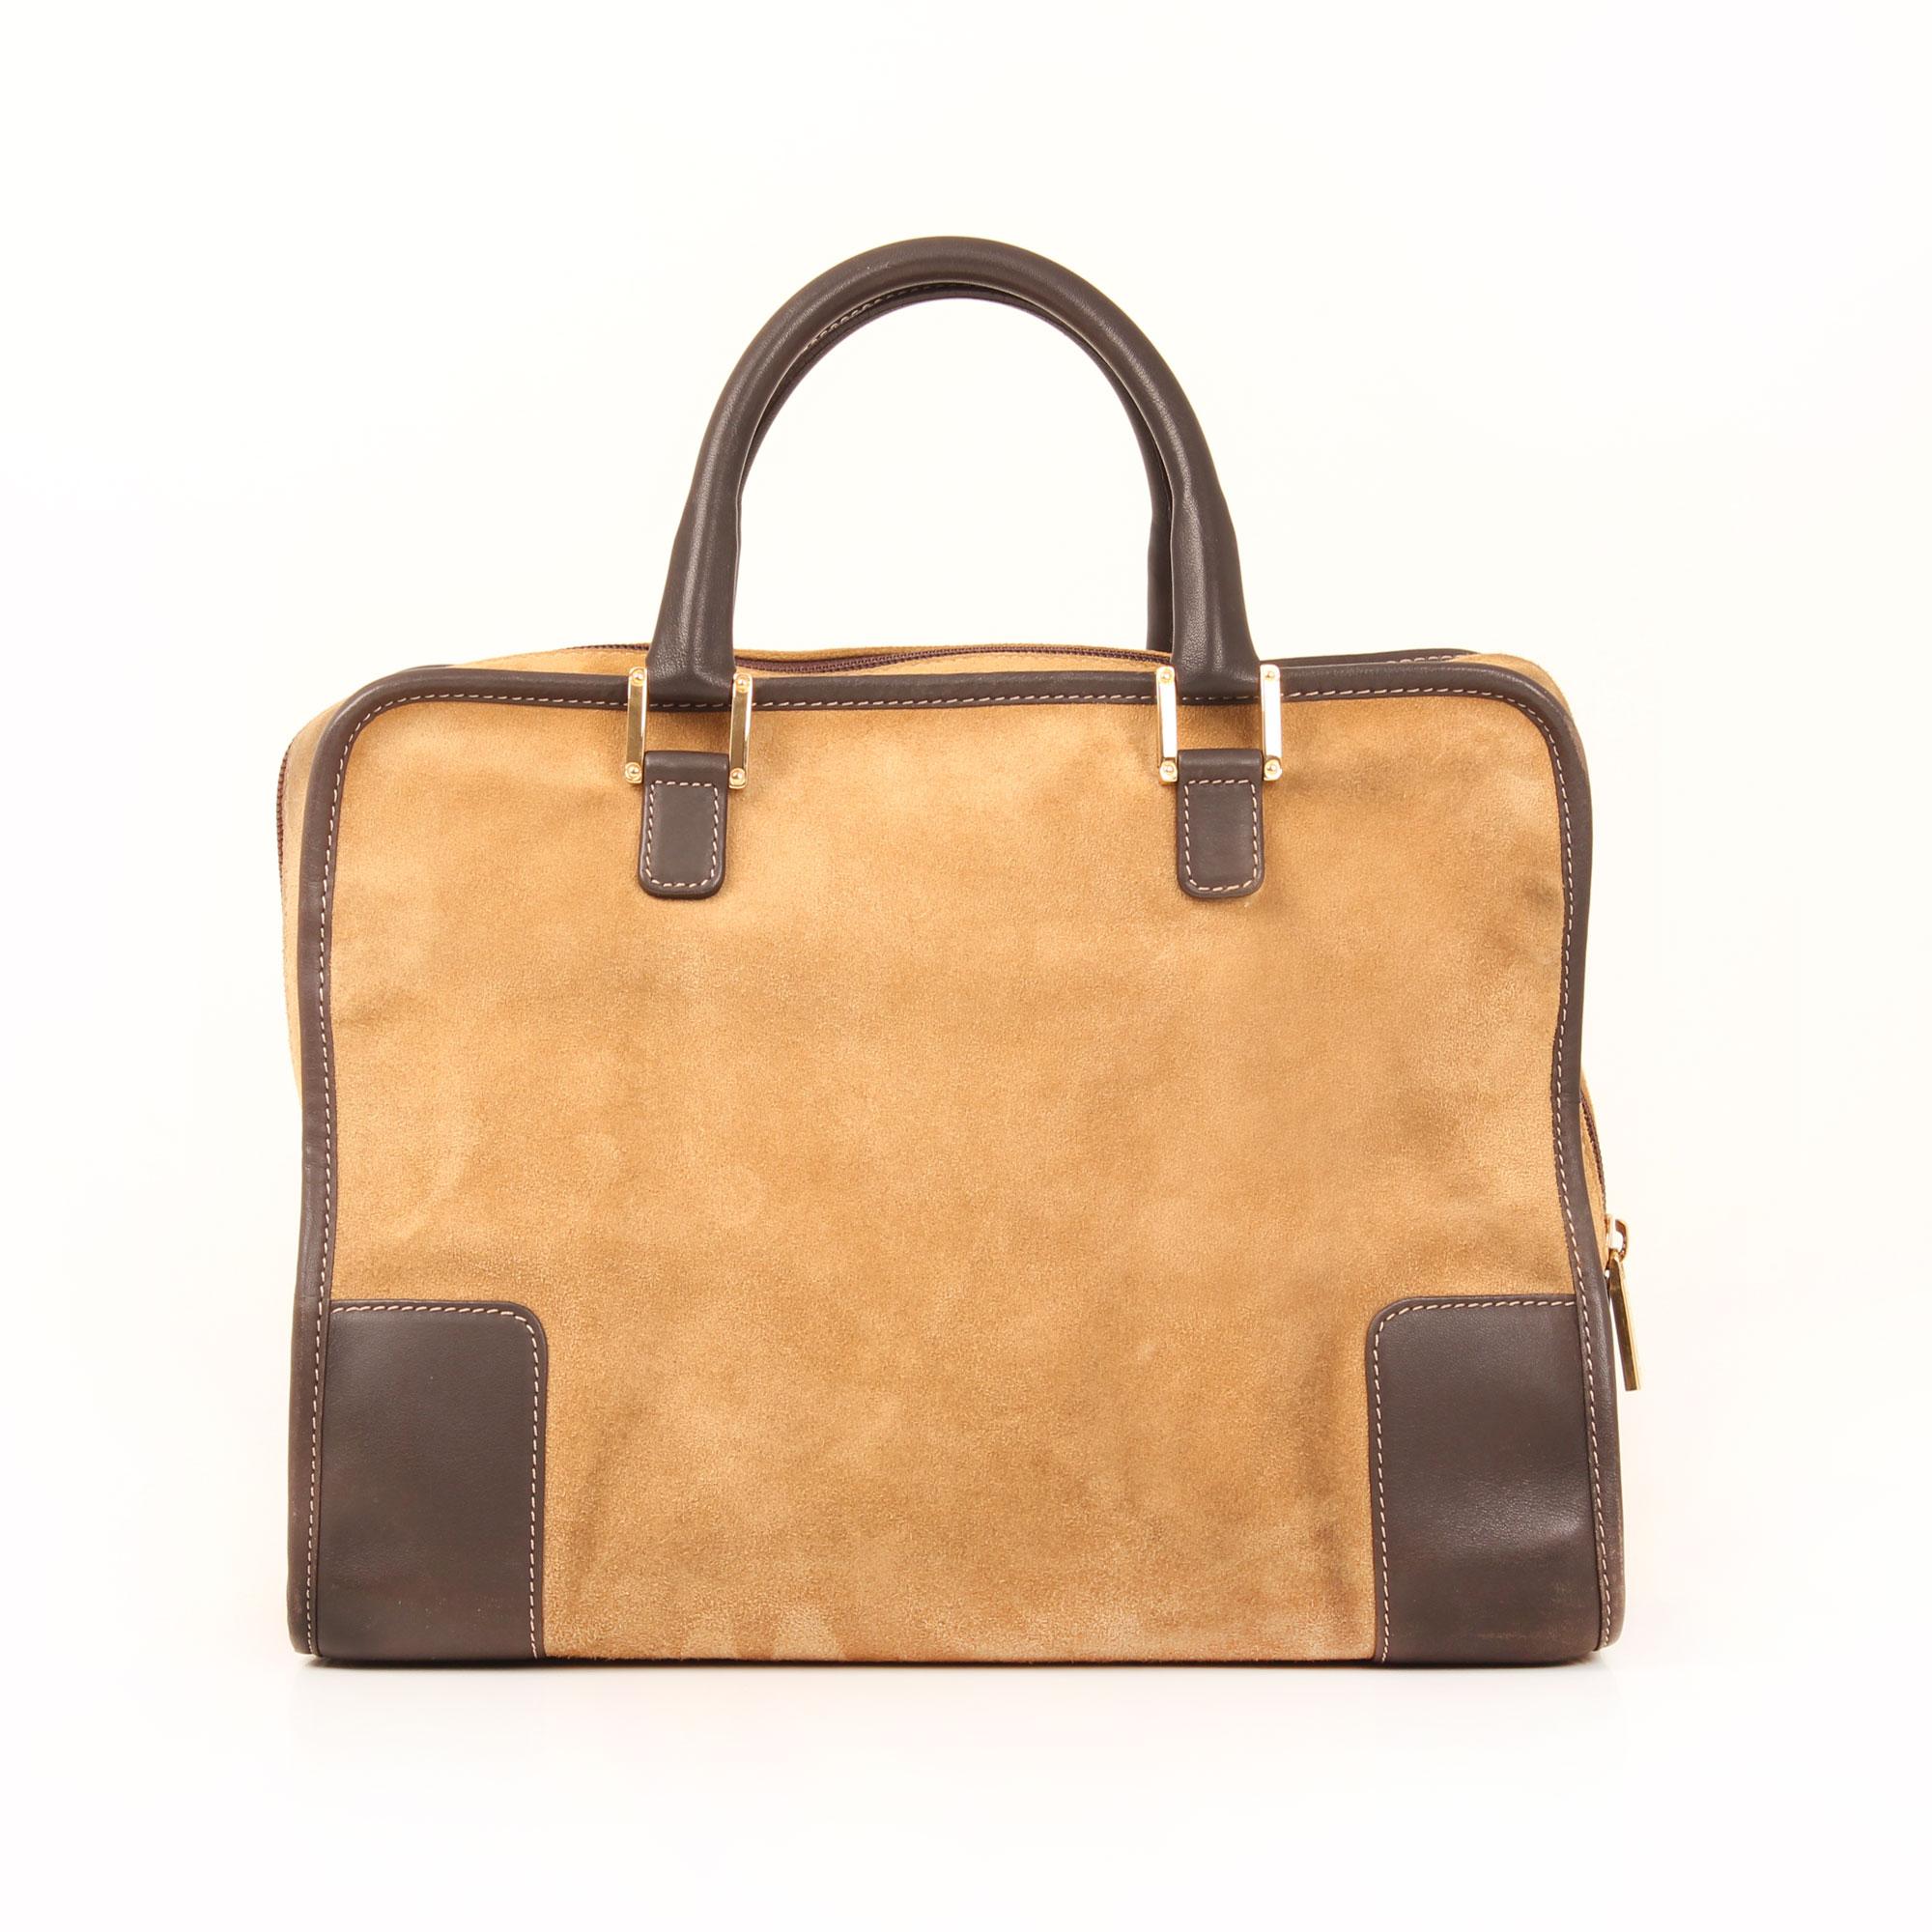 Back image of loewe amazona 32 suede beige bag